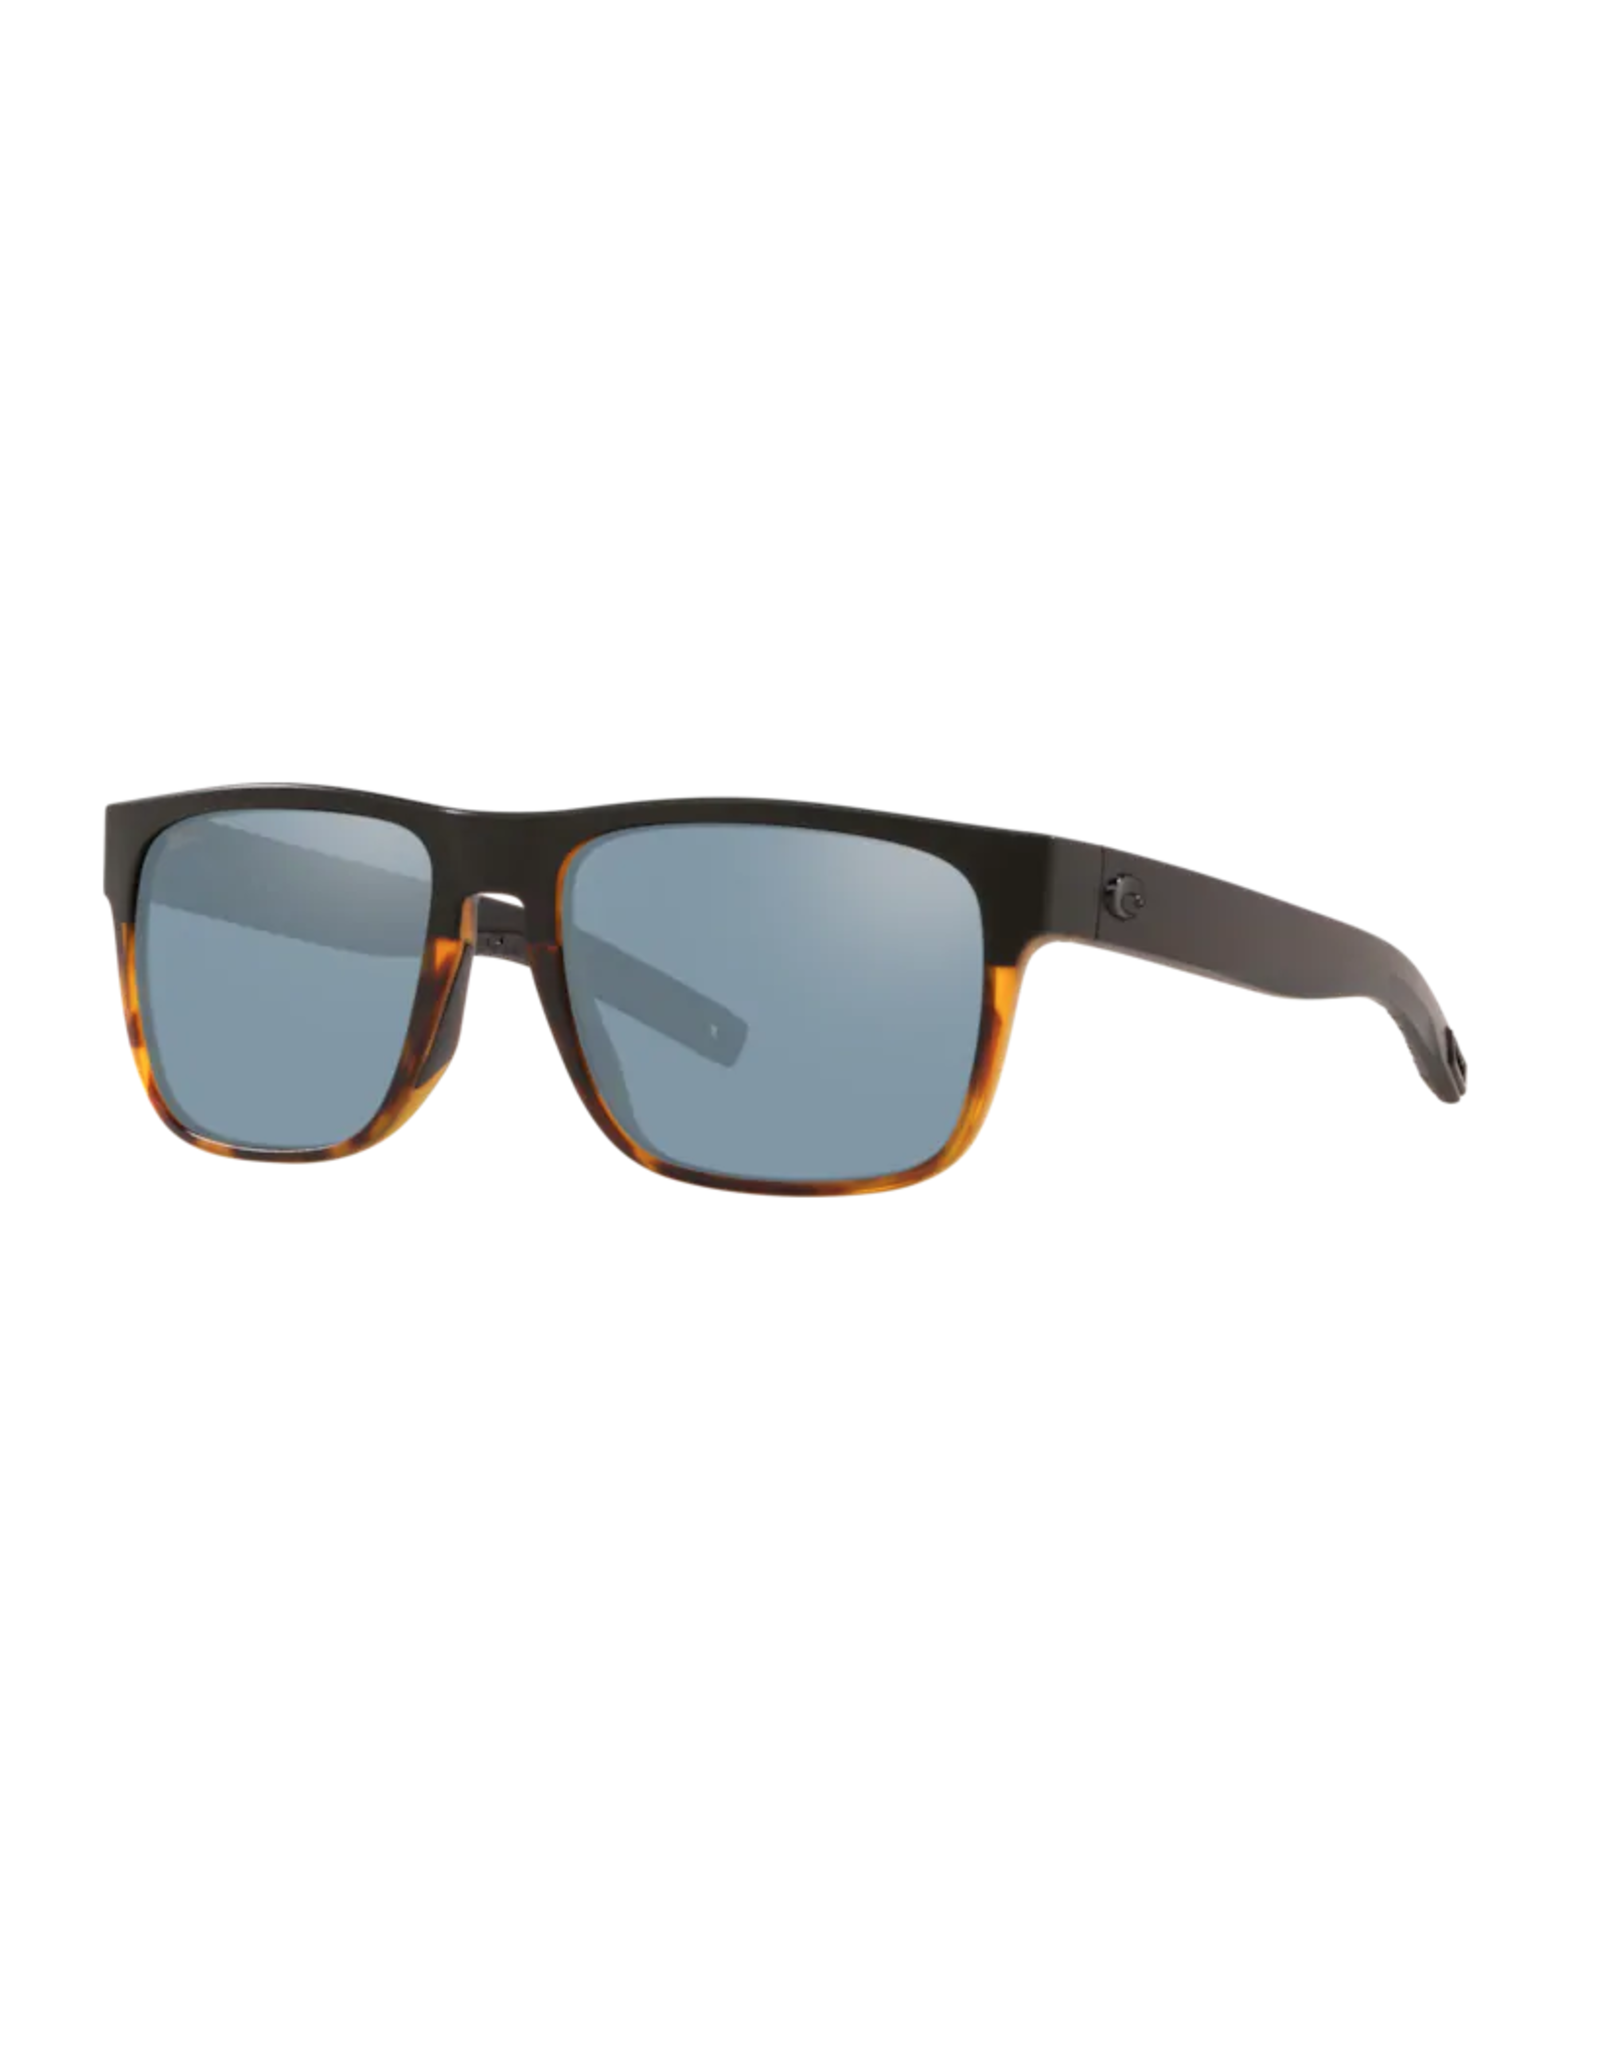 COSTA DEL MAR Spearo 181 Black/Shiny Tort/Grey Silver Mirror Polarized Plastic (580P)